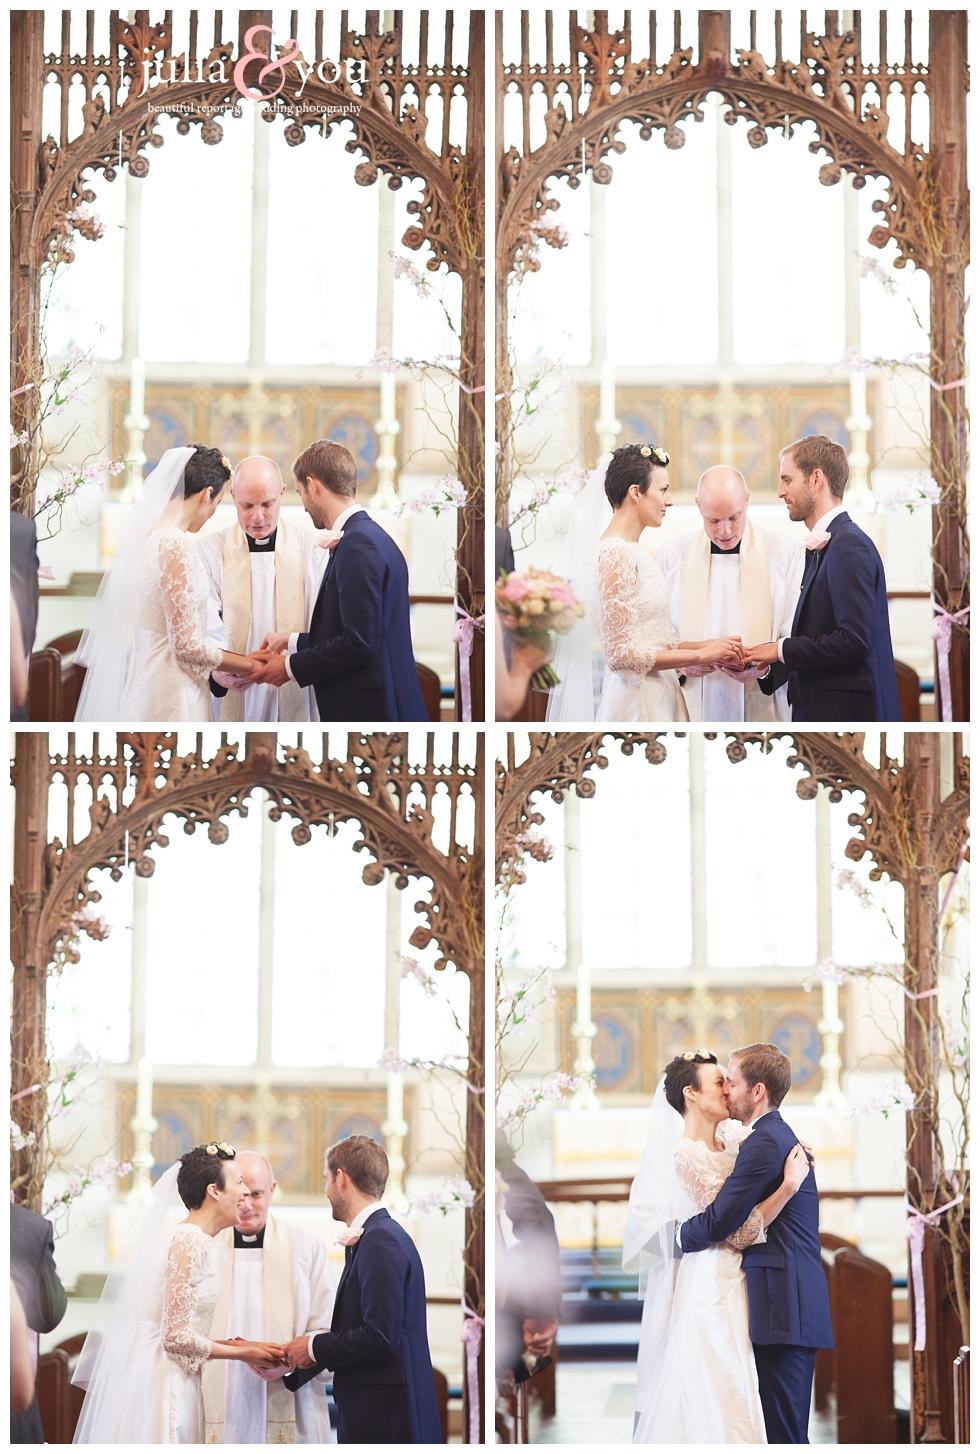 Marcus and julia wedding